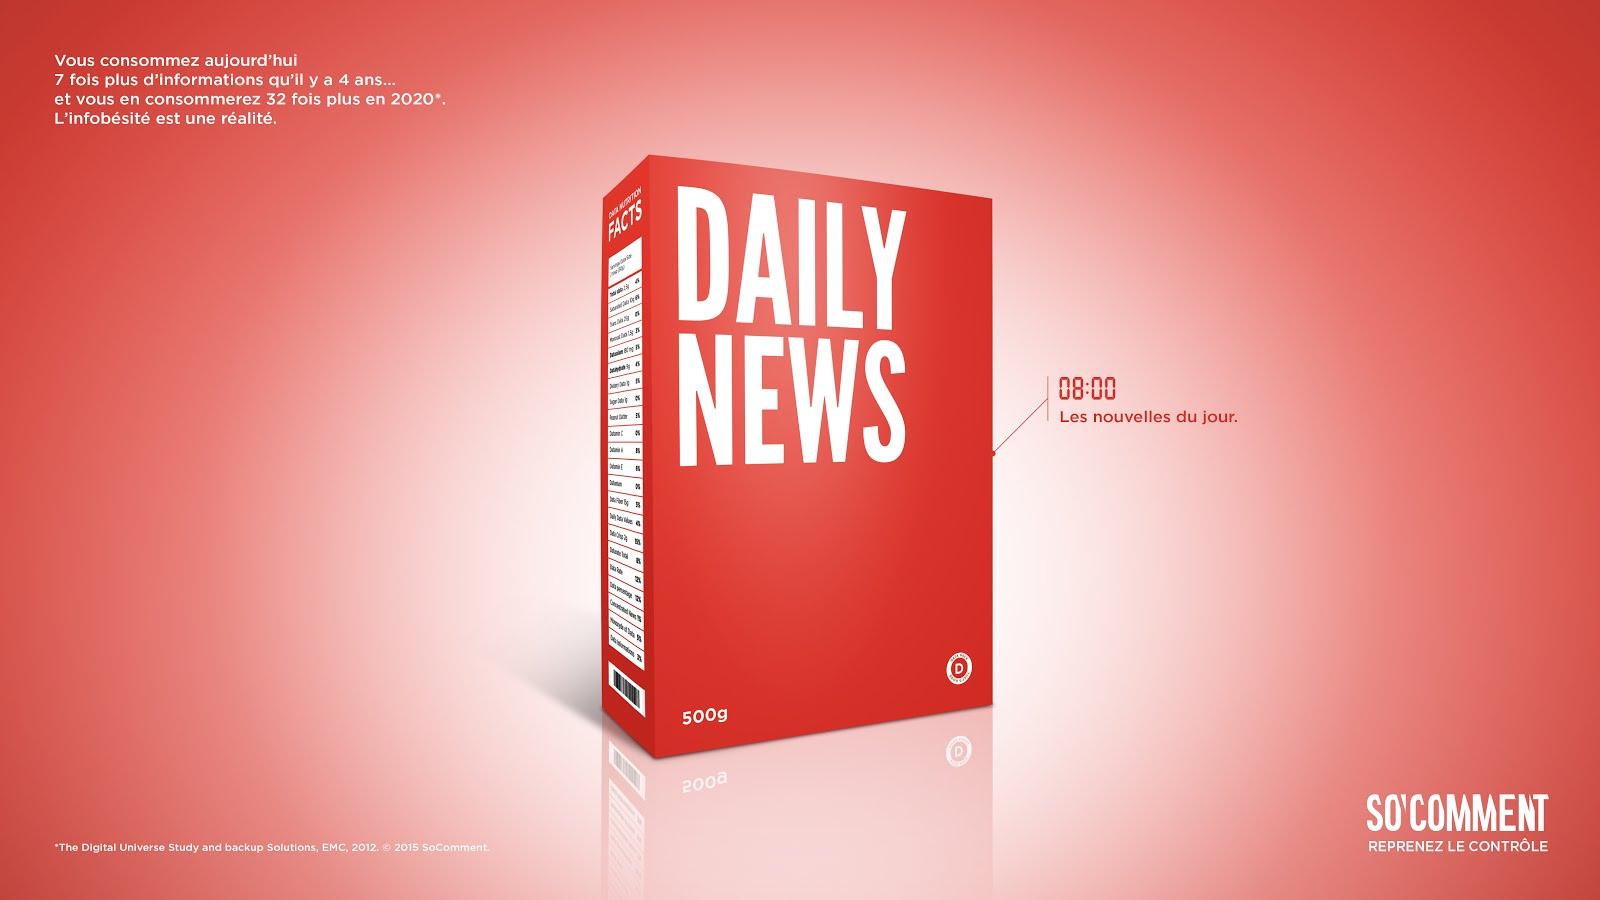 08:00 Les nouvelles du jour